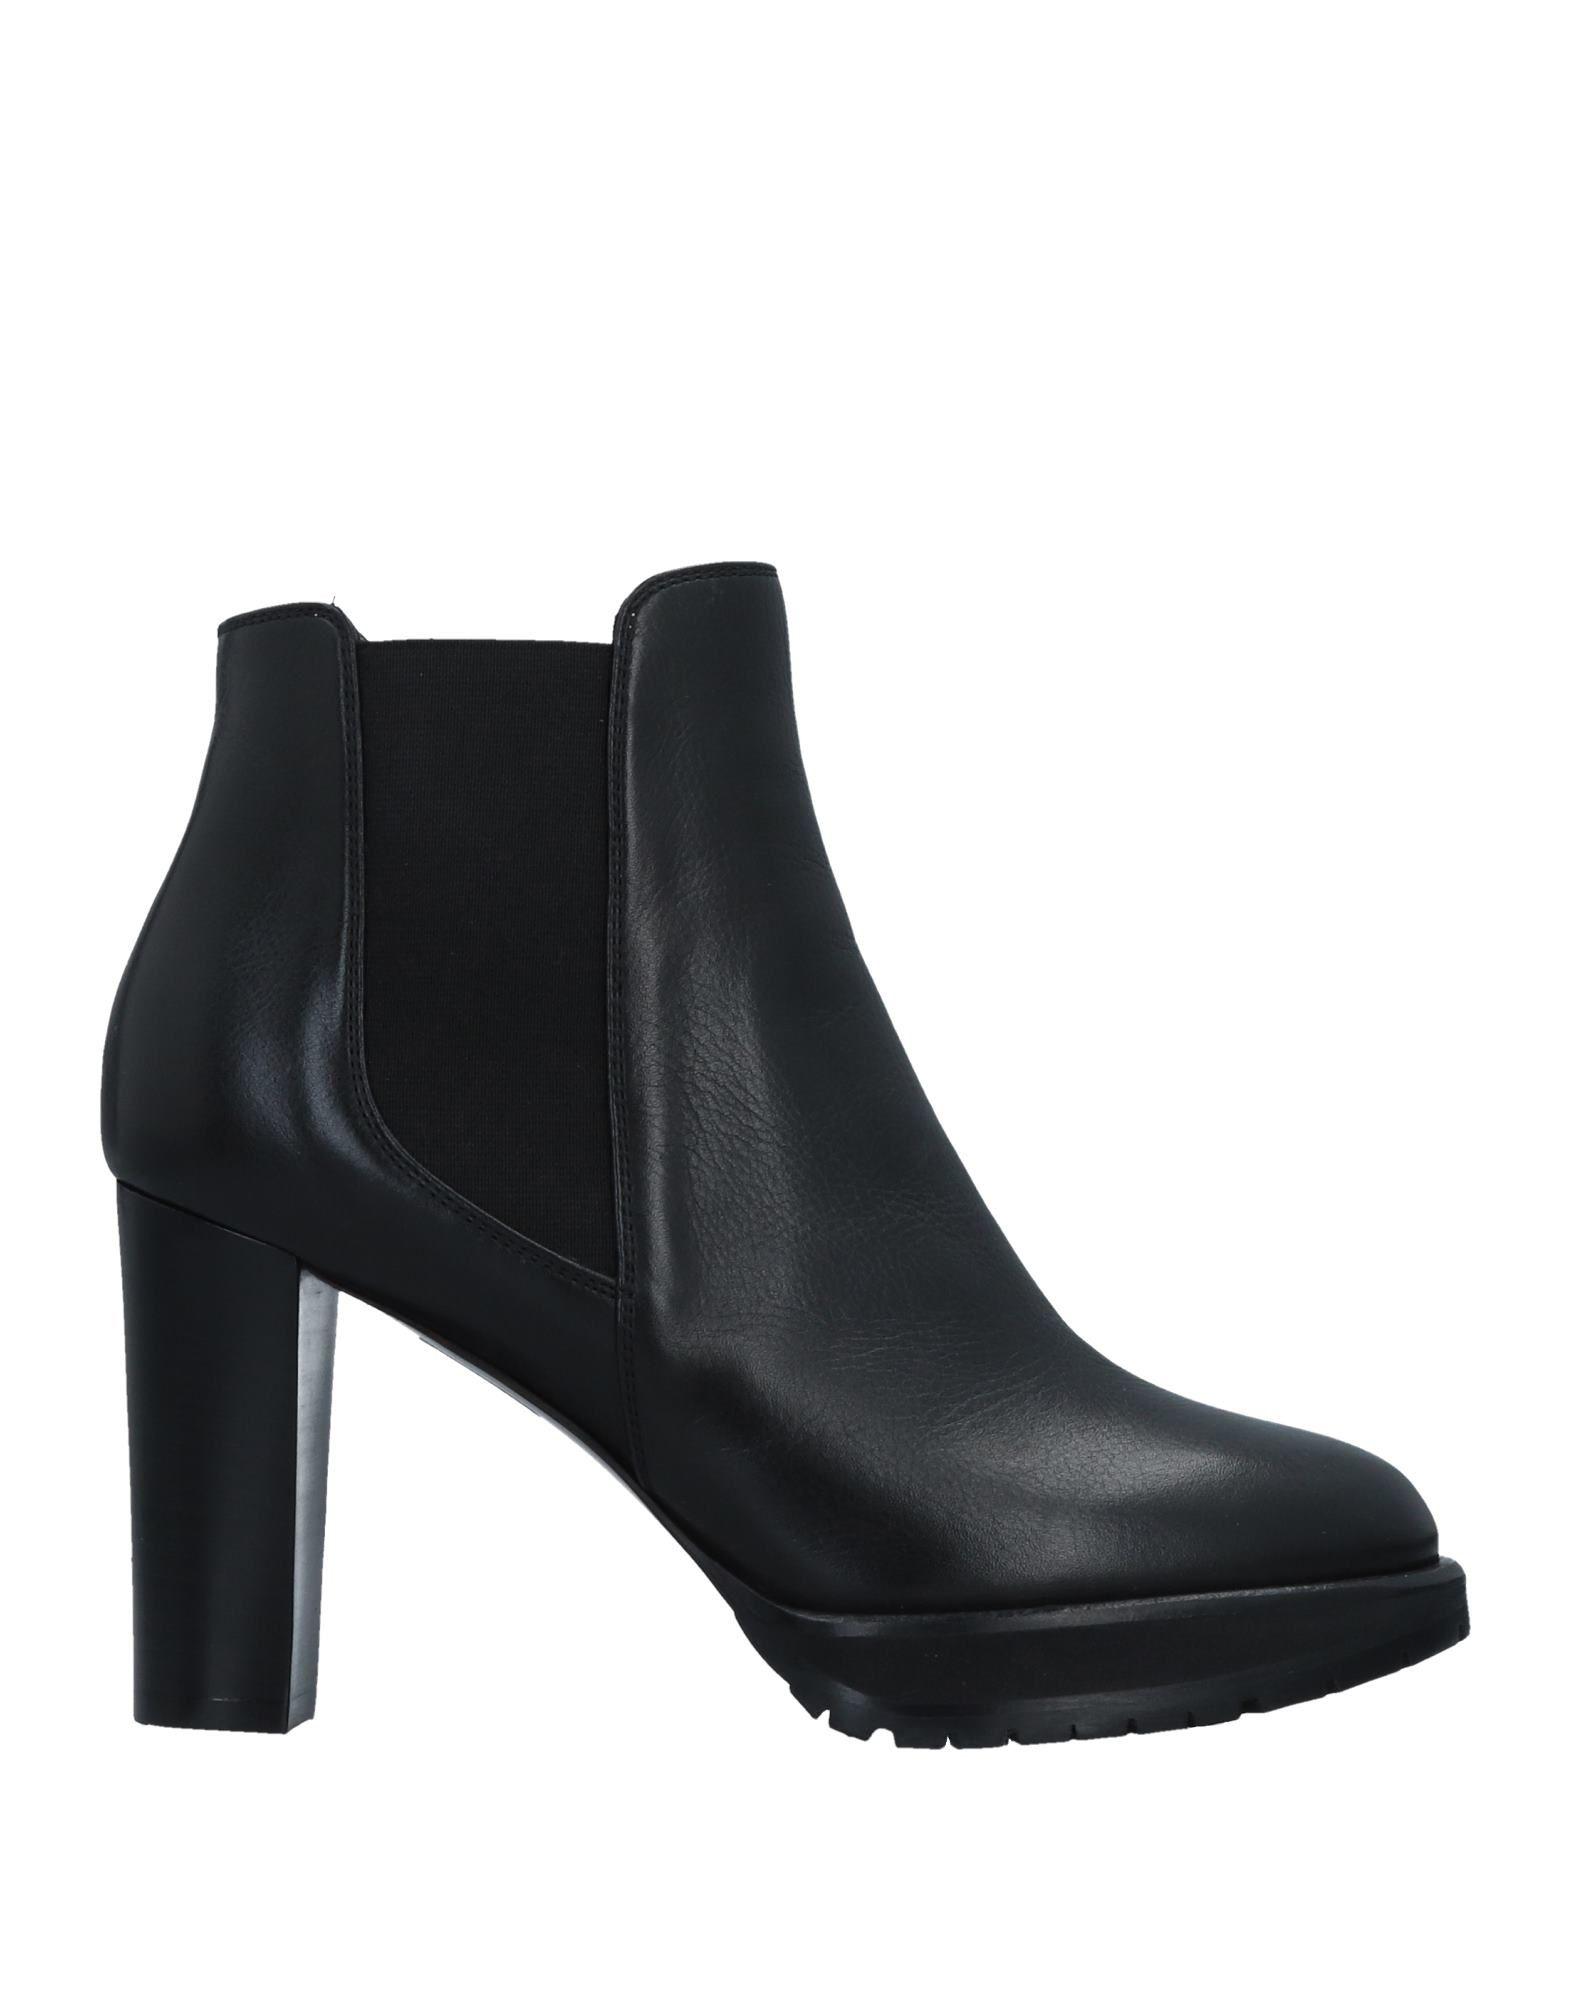 LELLA BALDI レディース ショートブーツ ブラック 37.5 革 / 紡績繊維